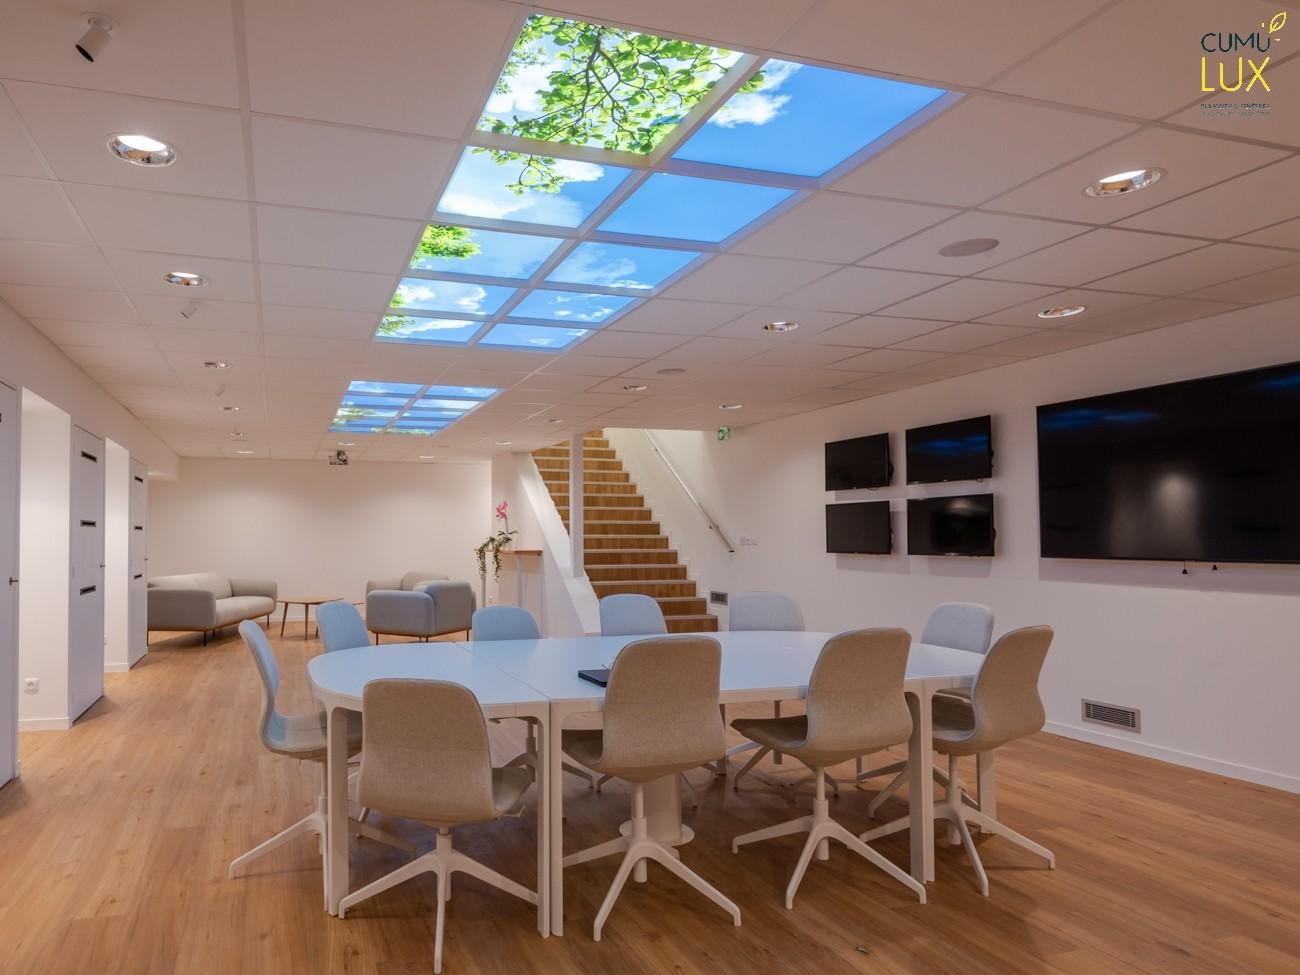 Faux plafond ciel dans un showroom en sous-sol